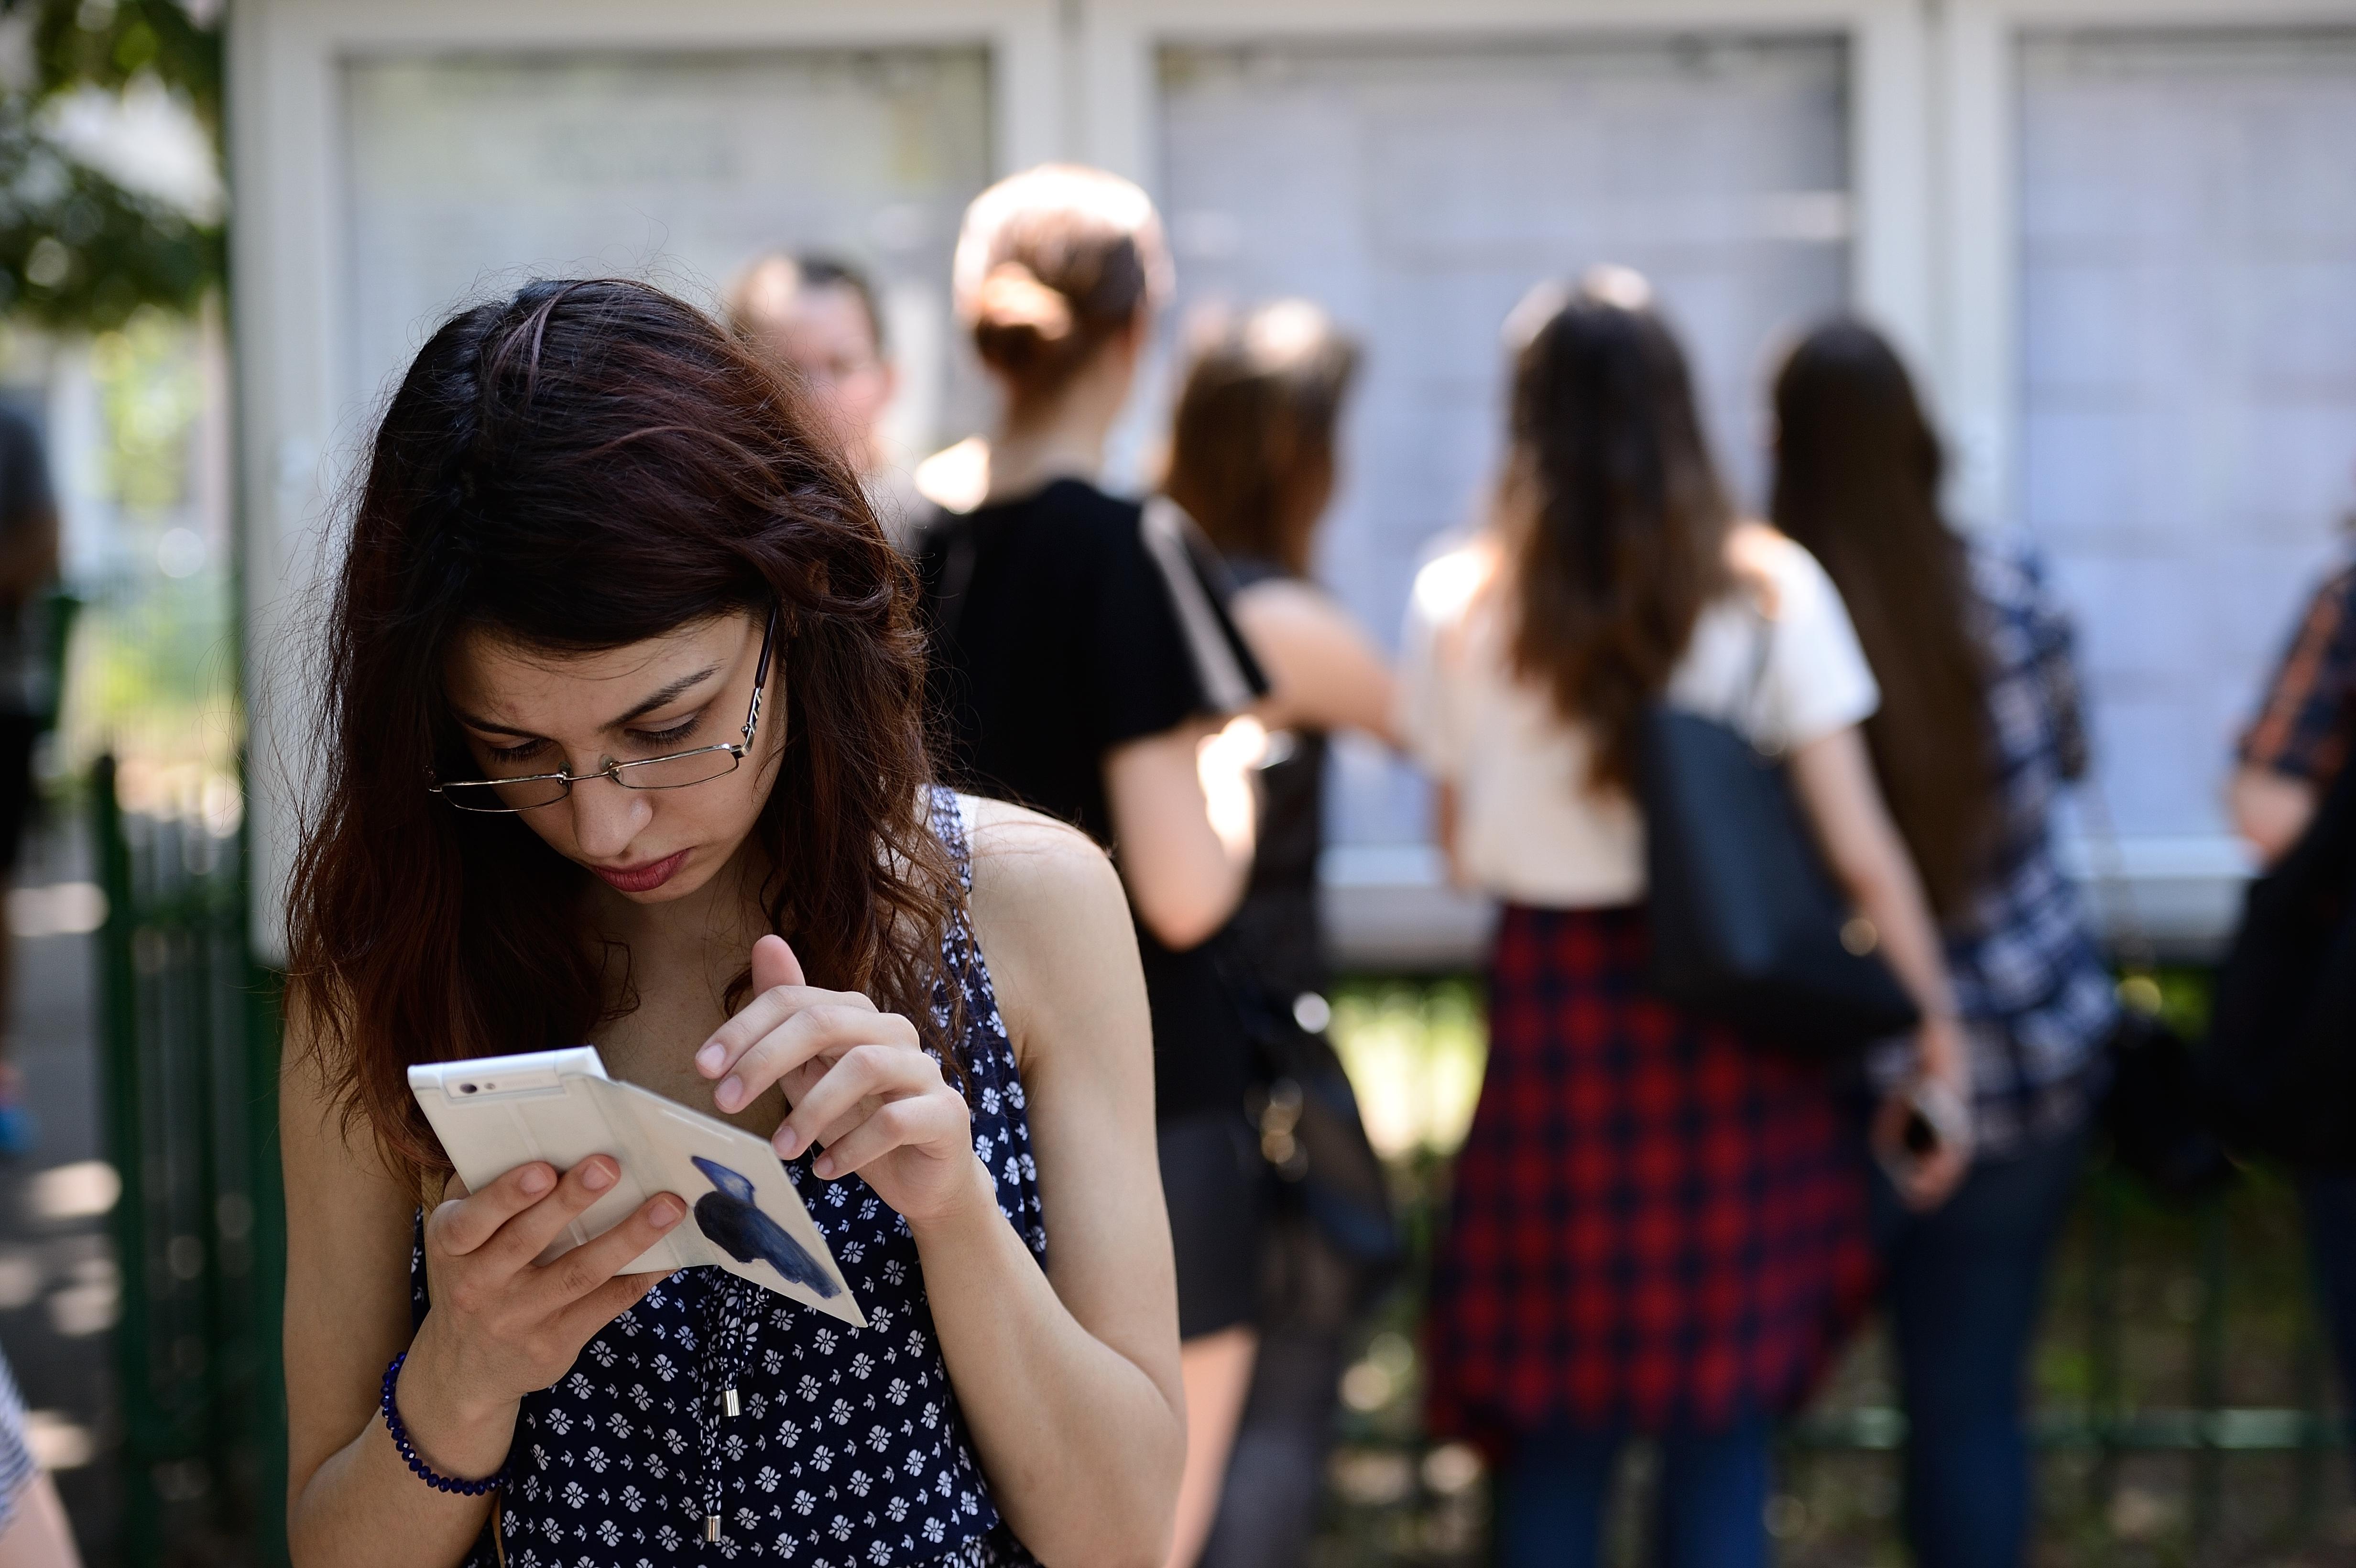 BACALAUREAT 2017. Ministerul Educaţiei: 71,88% din elevi,certificat de utilizator experimentat la proba de comunicare în limba română. Calendarul examenelor